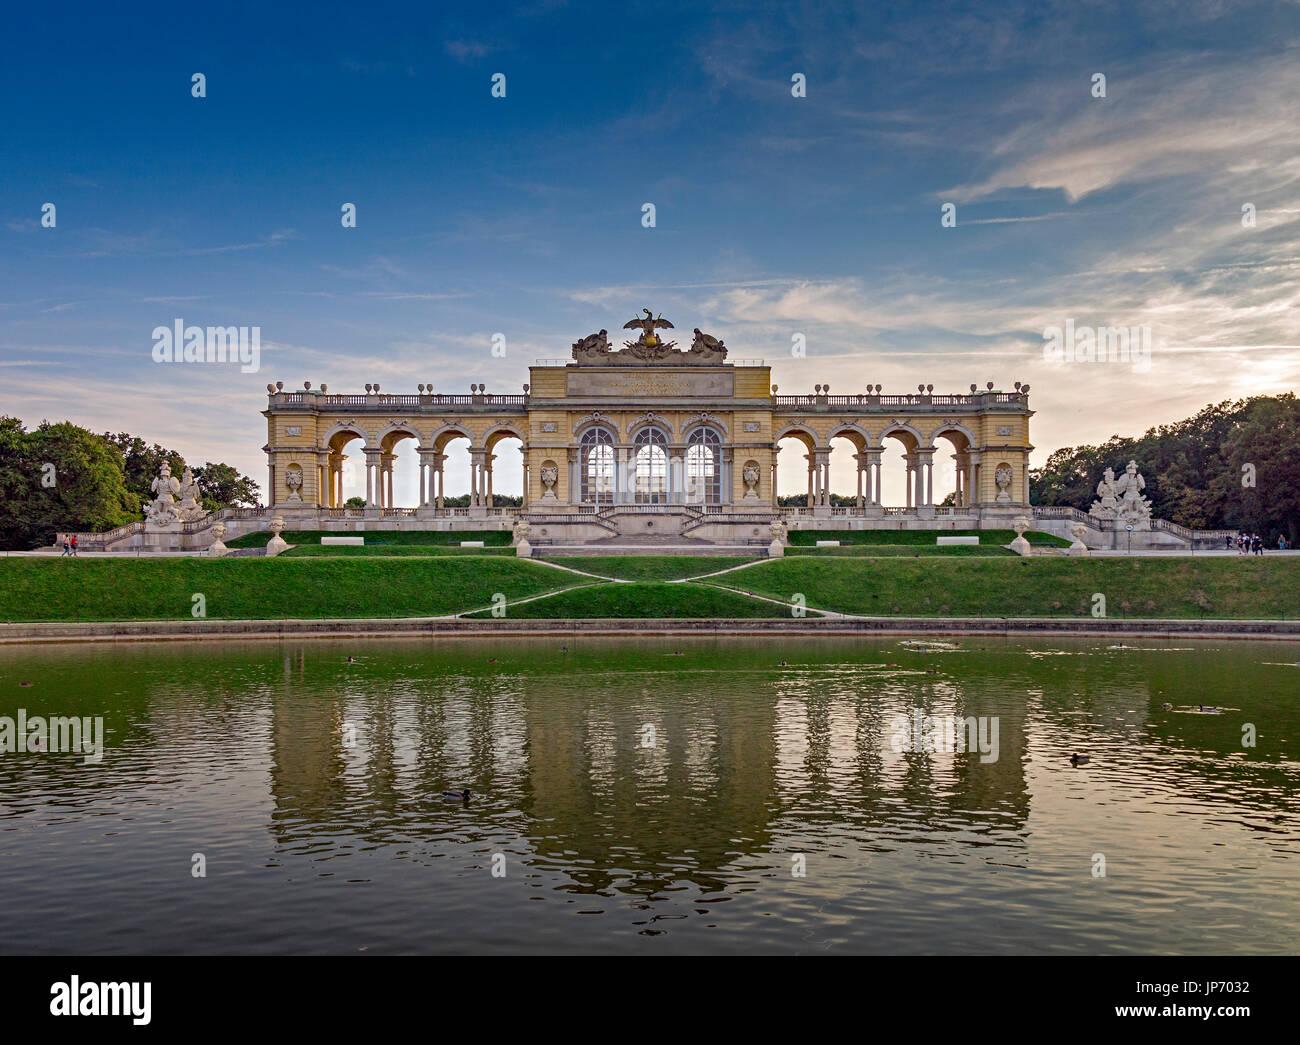 La chapelle du château, palais de Schonbrunn, Vienne, Autriche Photo Stock